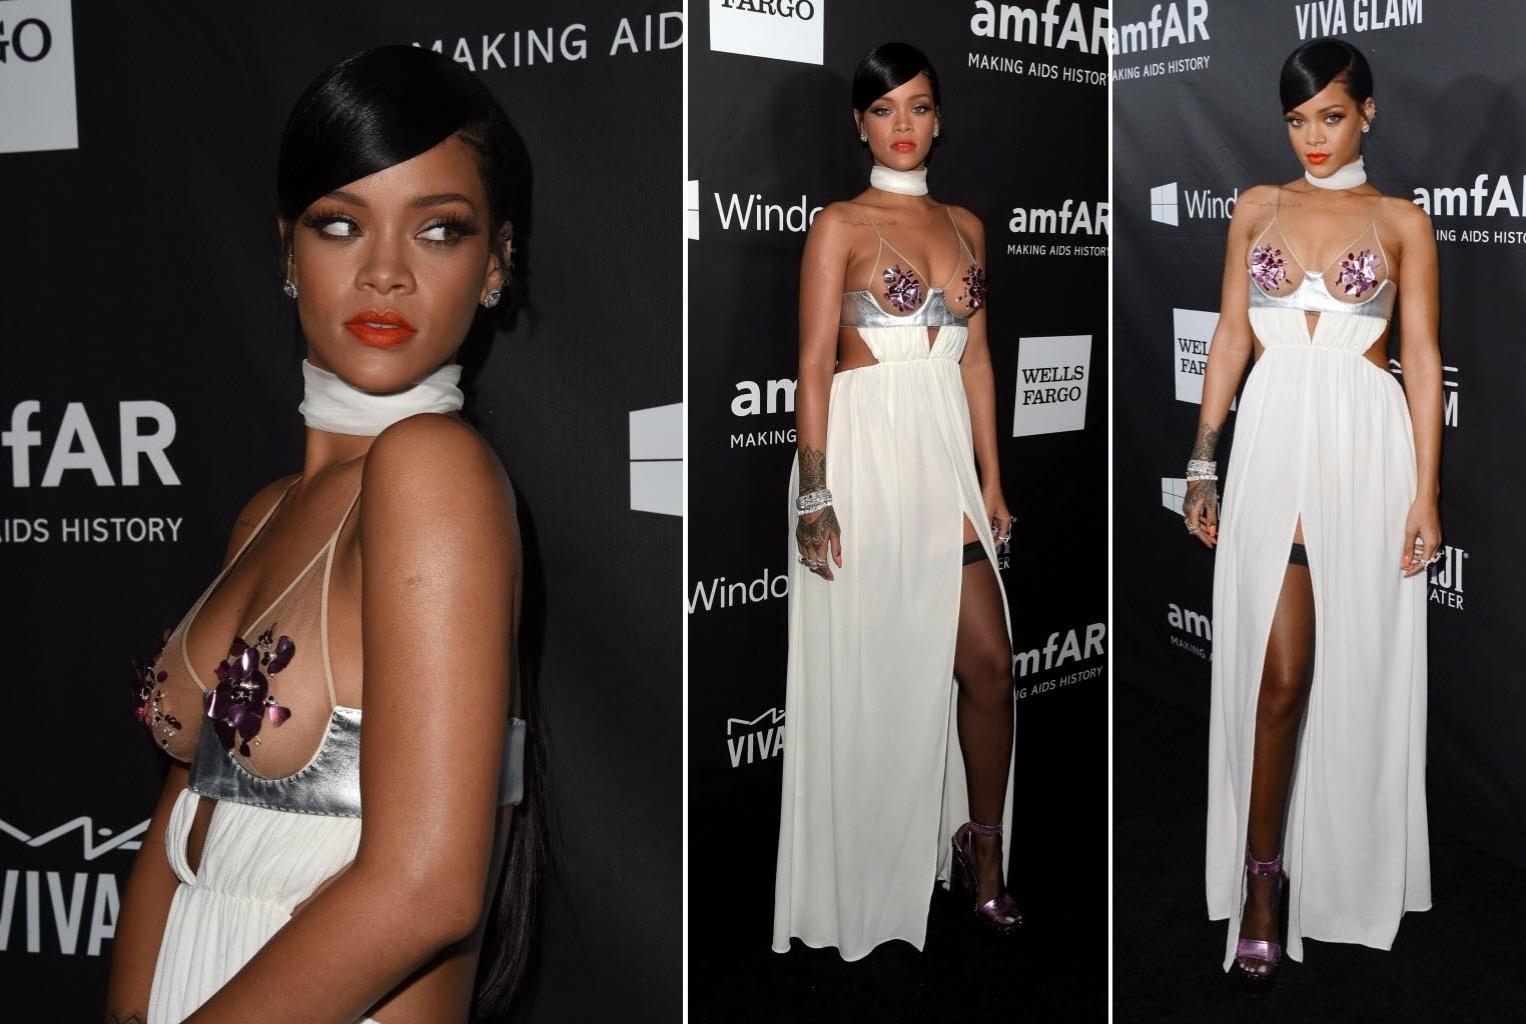 29.out.2014 - Rihanna chama a atenção no baile de gala da amfAR no Milk Studios, em Los Angeles, nos Estados Unidos, na noite desta quarta-feira. Sempre polêmica, a cantora de Barbados deixou os seios à mostra e exibiu as pernas em uma grande fenda frontal no vestido branco